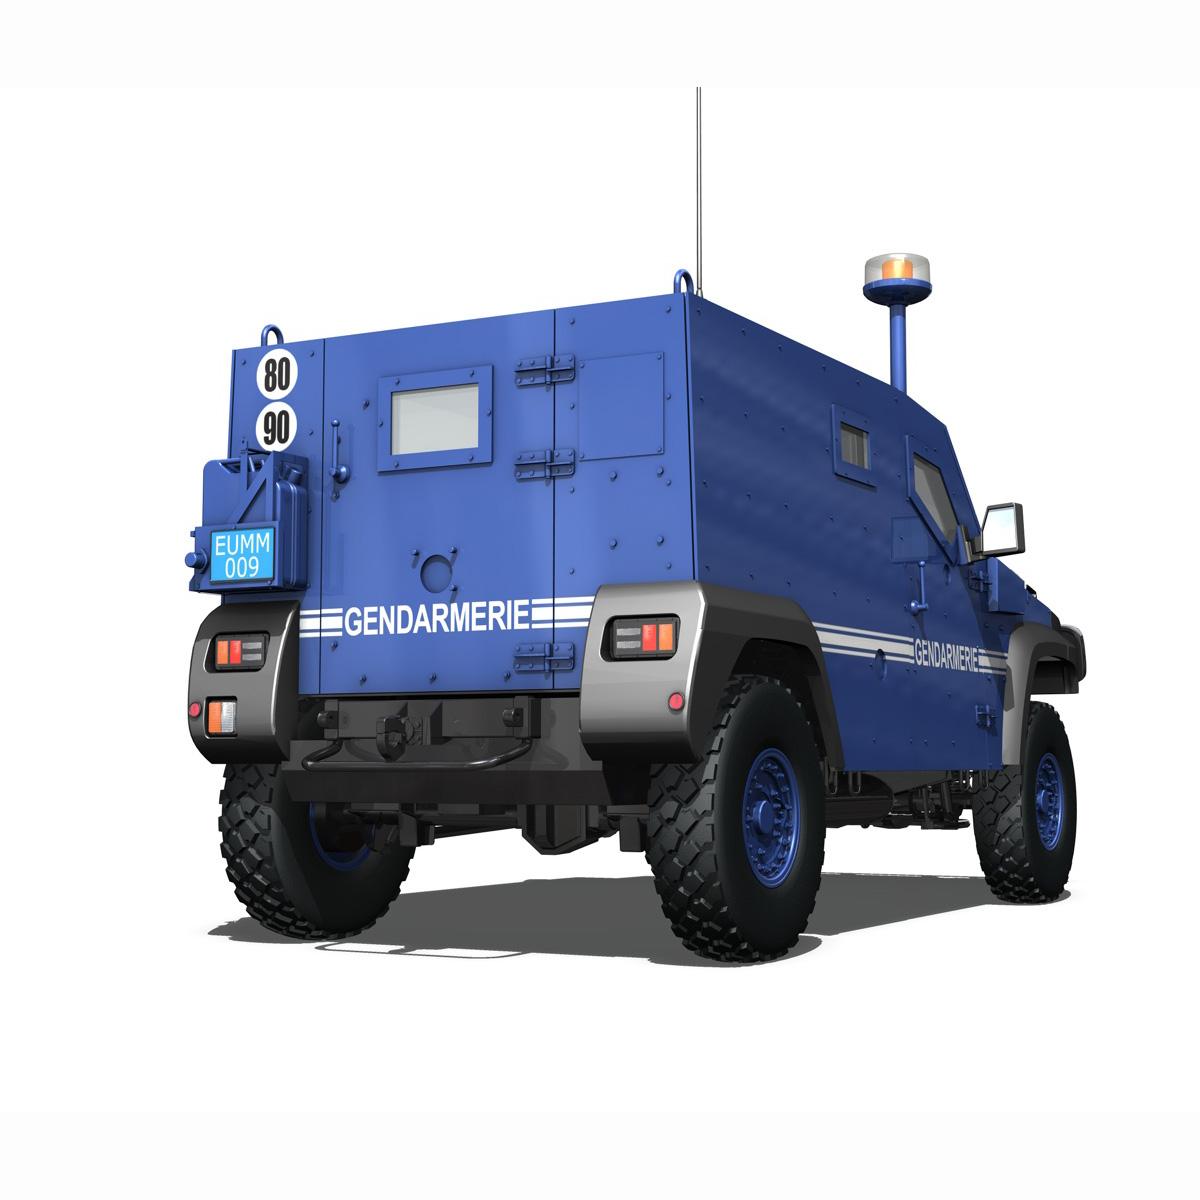 auverland panhard pvp – gendarmerie 3d model 3ds fbx c4d lwo obj 190068